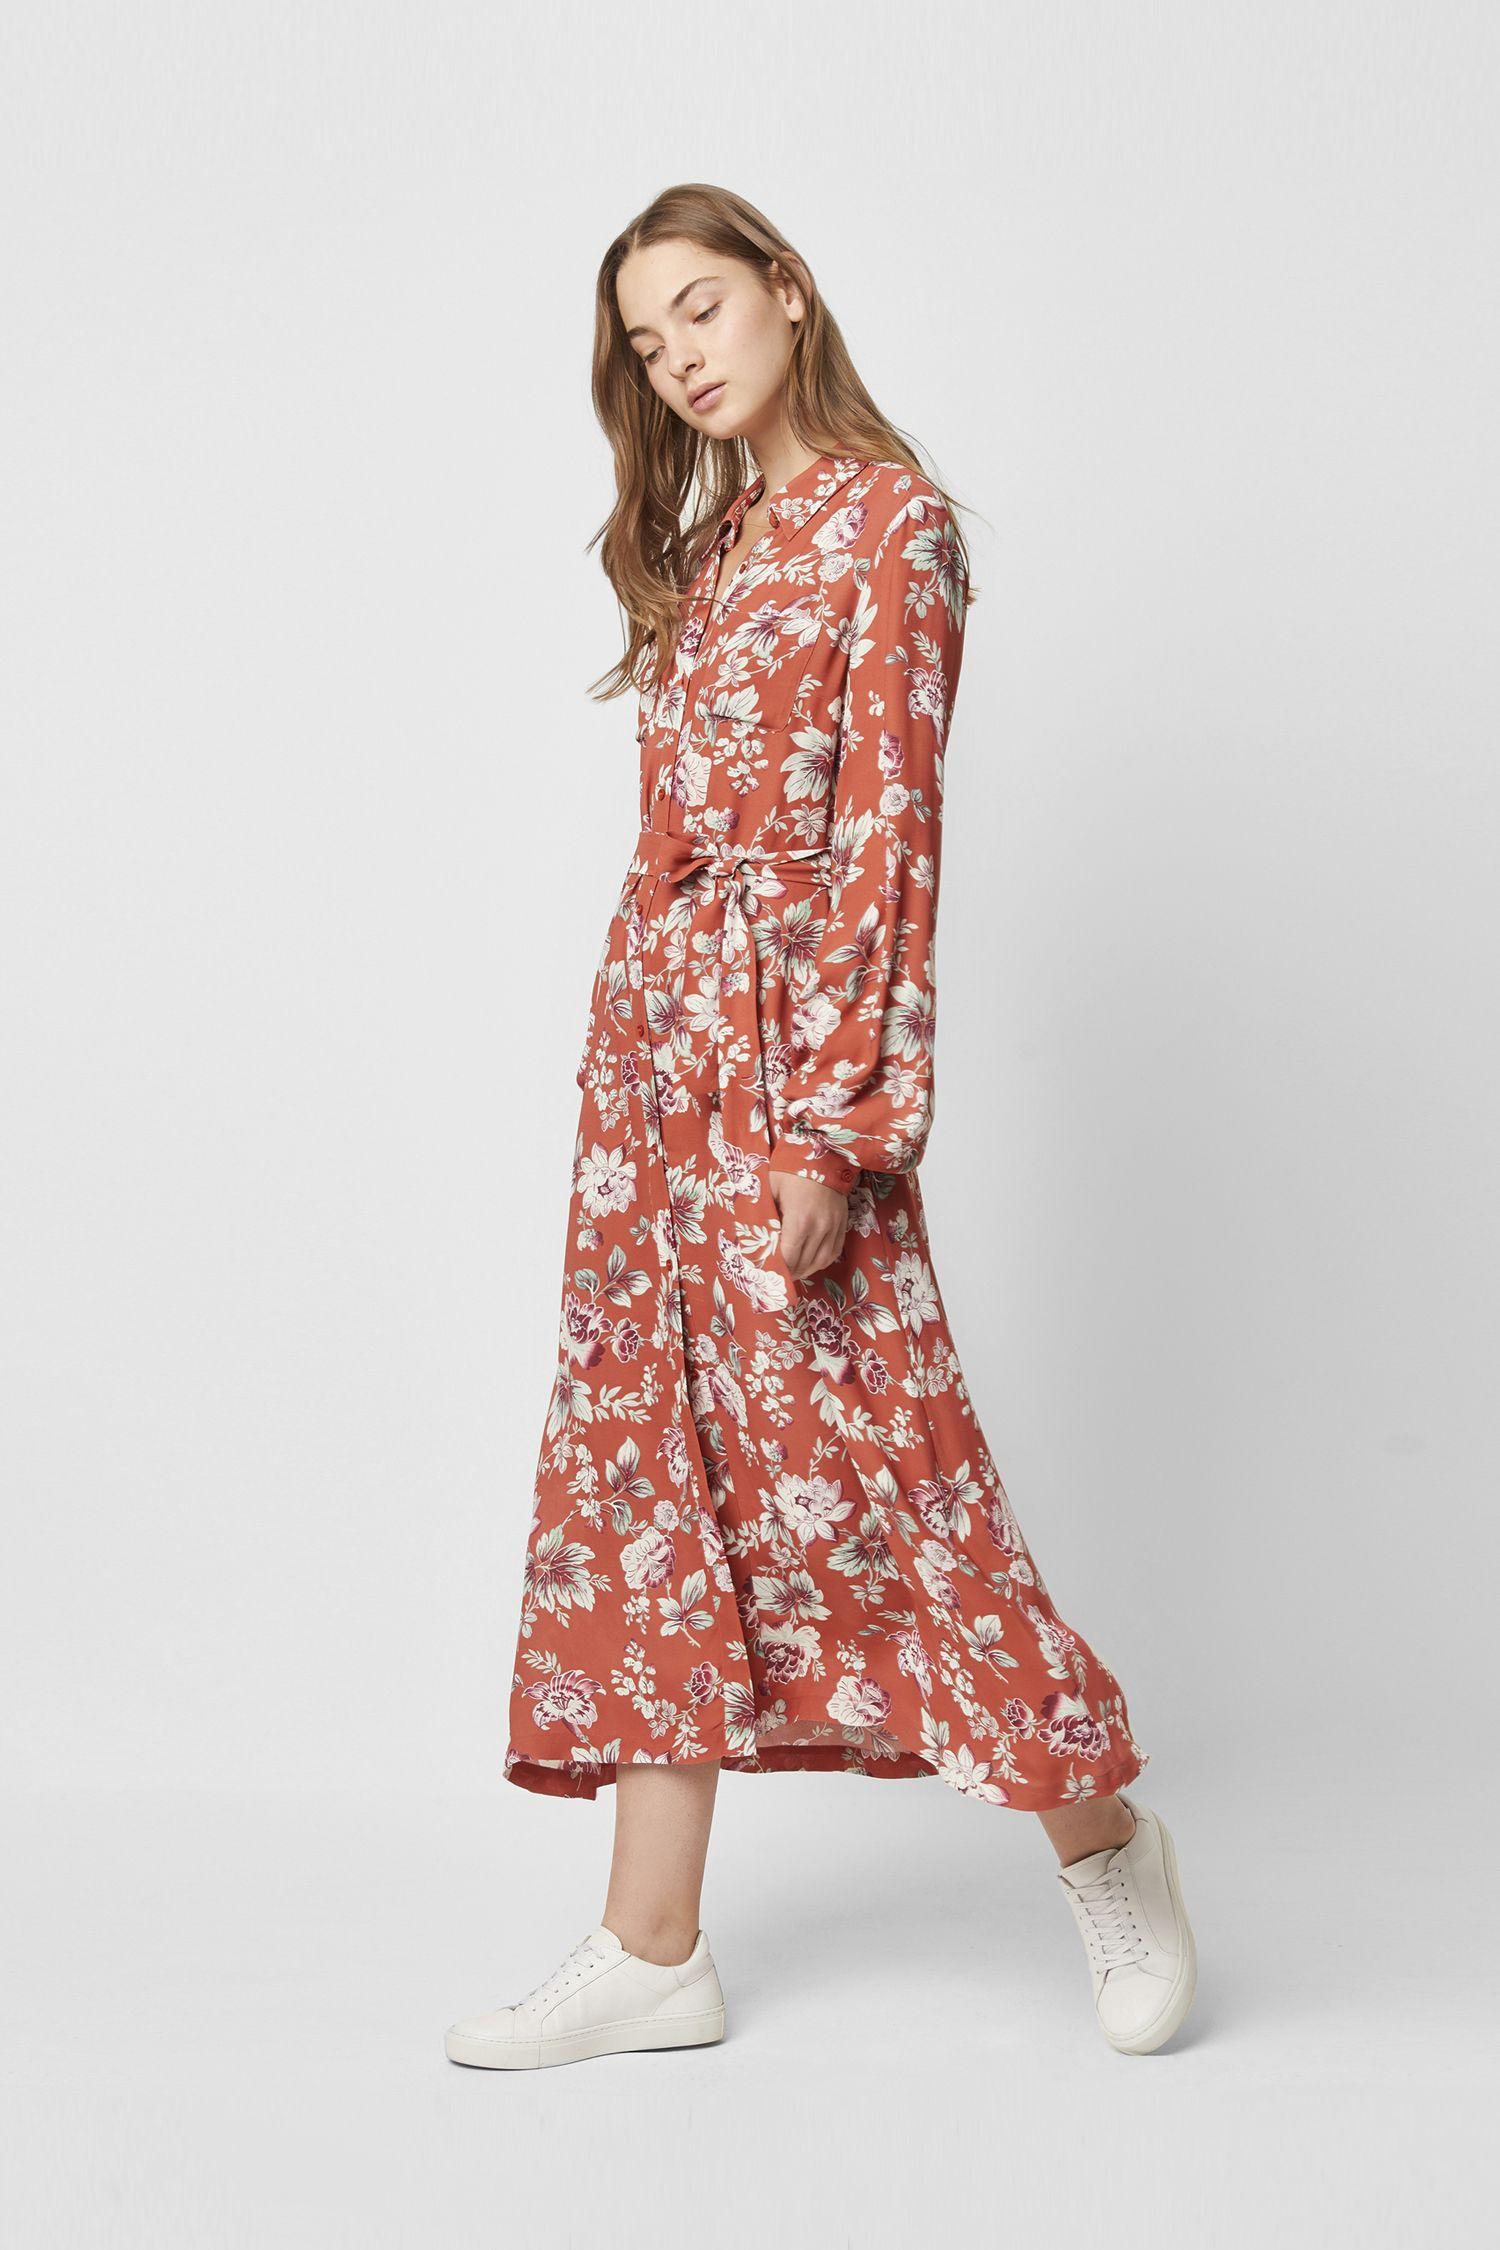 Aletta Crepe Floral Midi Shirt Dress in 2019 | Midi shirt